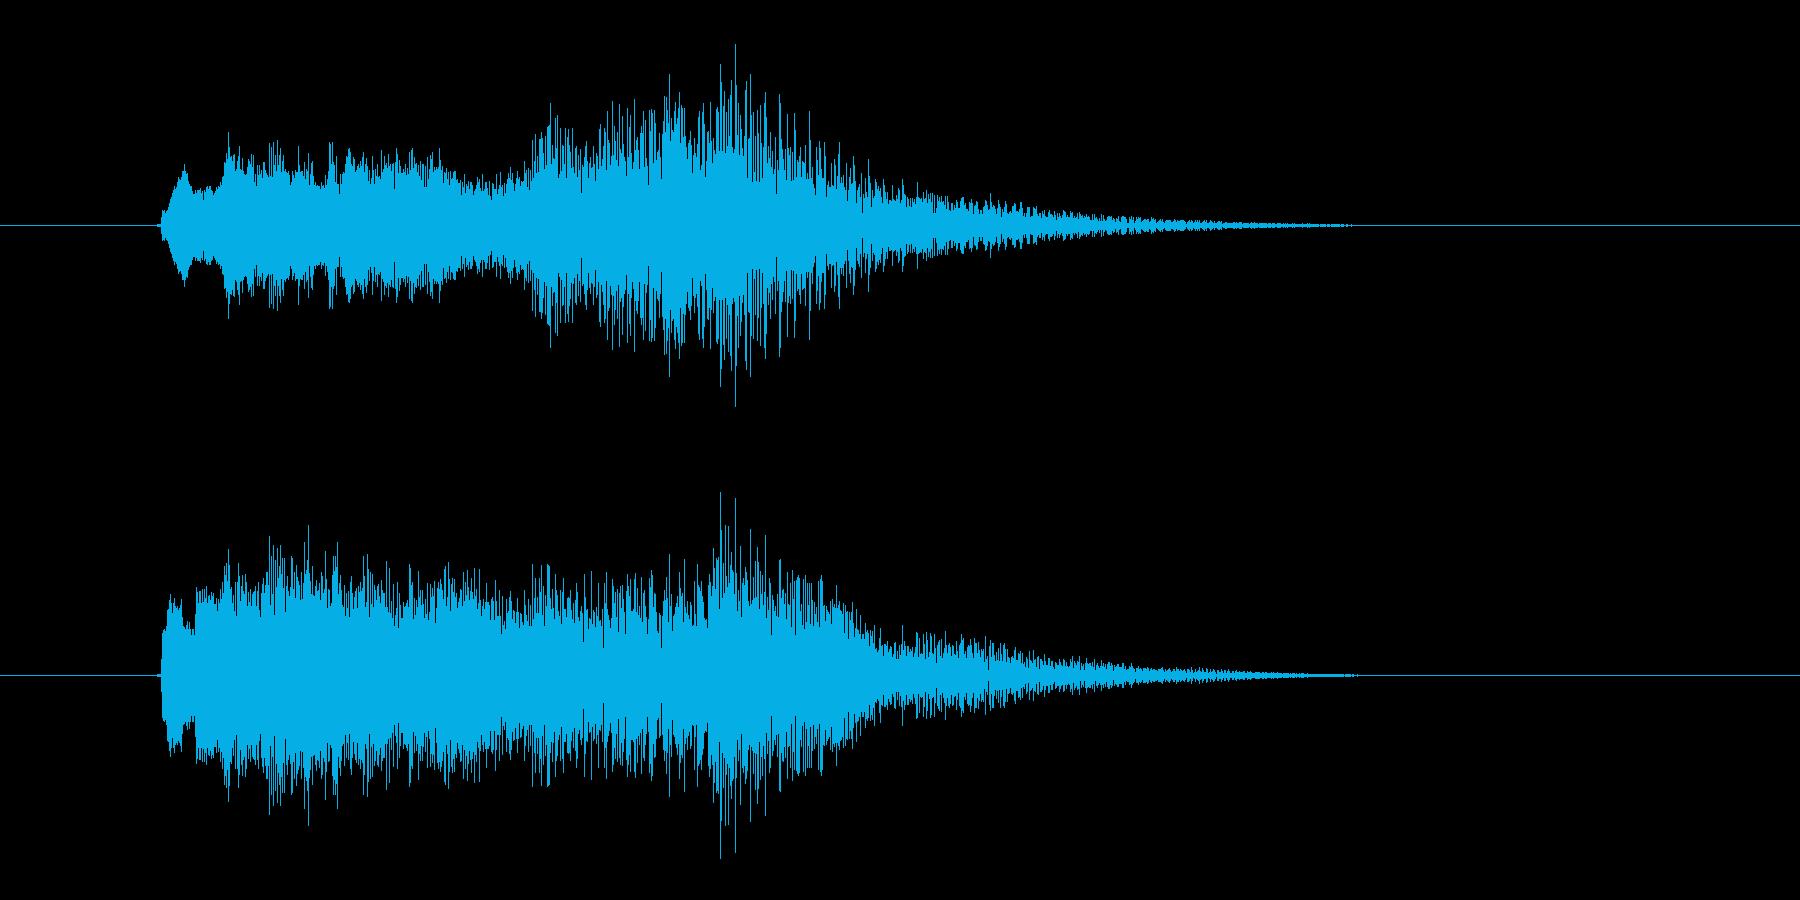 キラキラゴージャスなクラシックシンセの再生済みの波形